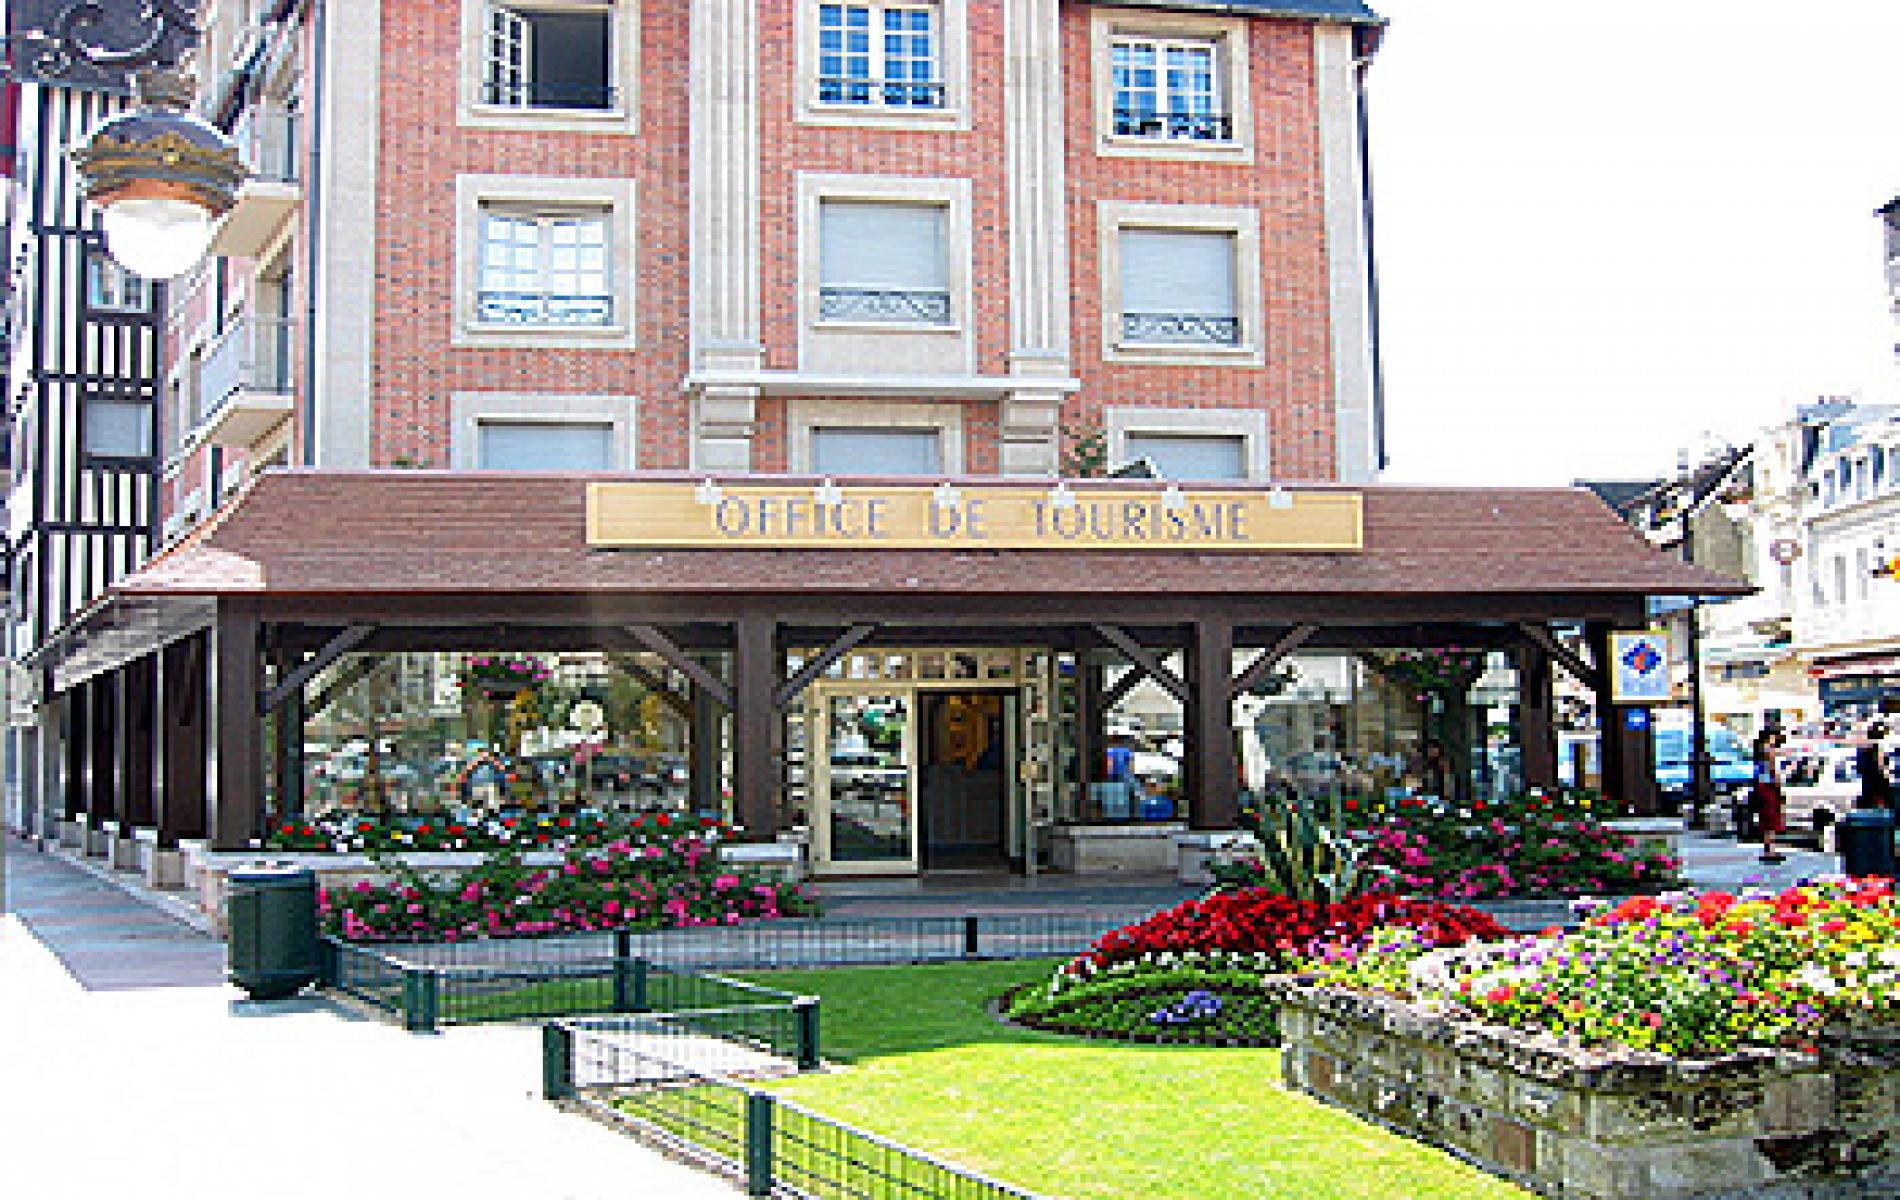 Office de tourisme de trouville h tel restaurant les embruns - Deauville office de tourisme ...